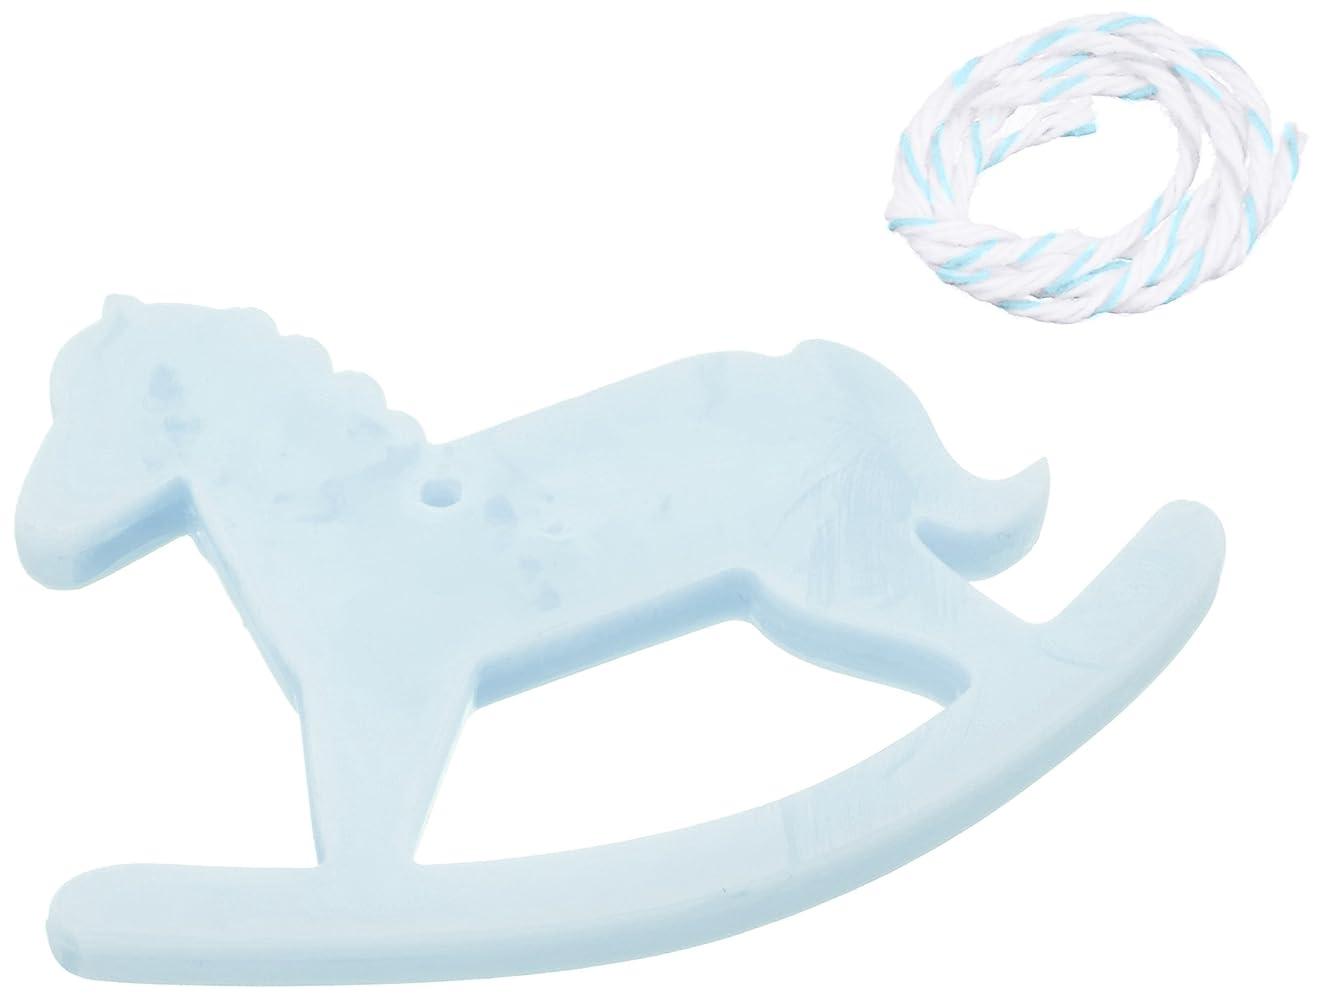 始まりヤギ壮大なGRASSE TOKYO AROMATICWAXチャーム「木馬」(BL) ローズマリー アロマティックワックス グラーストウキョウ